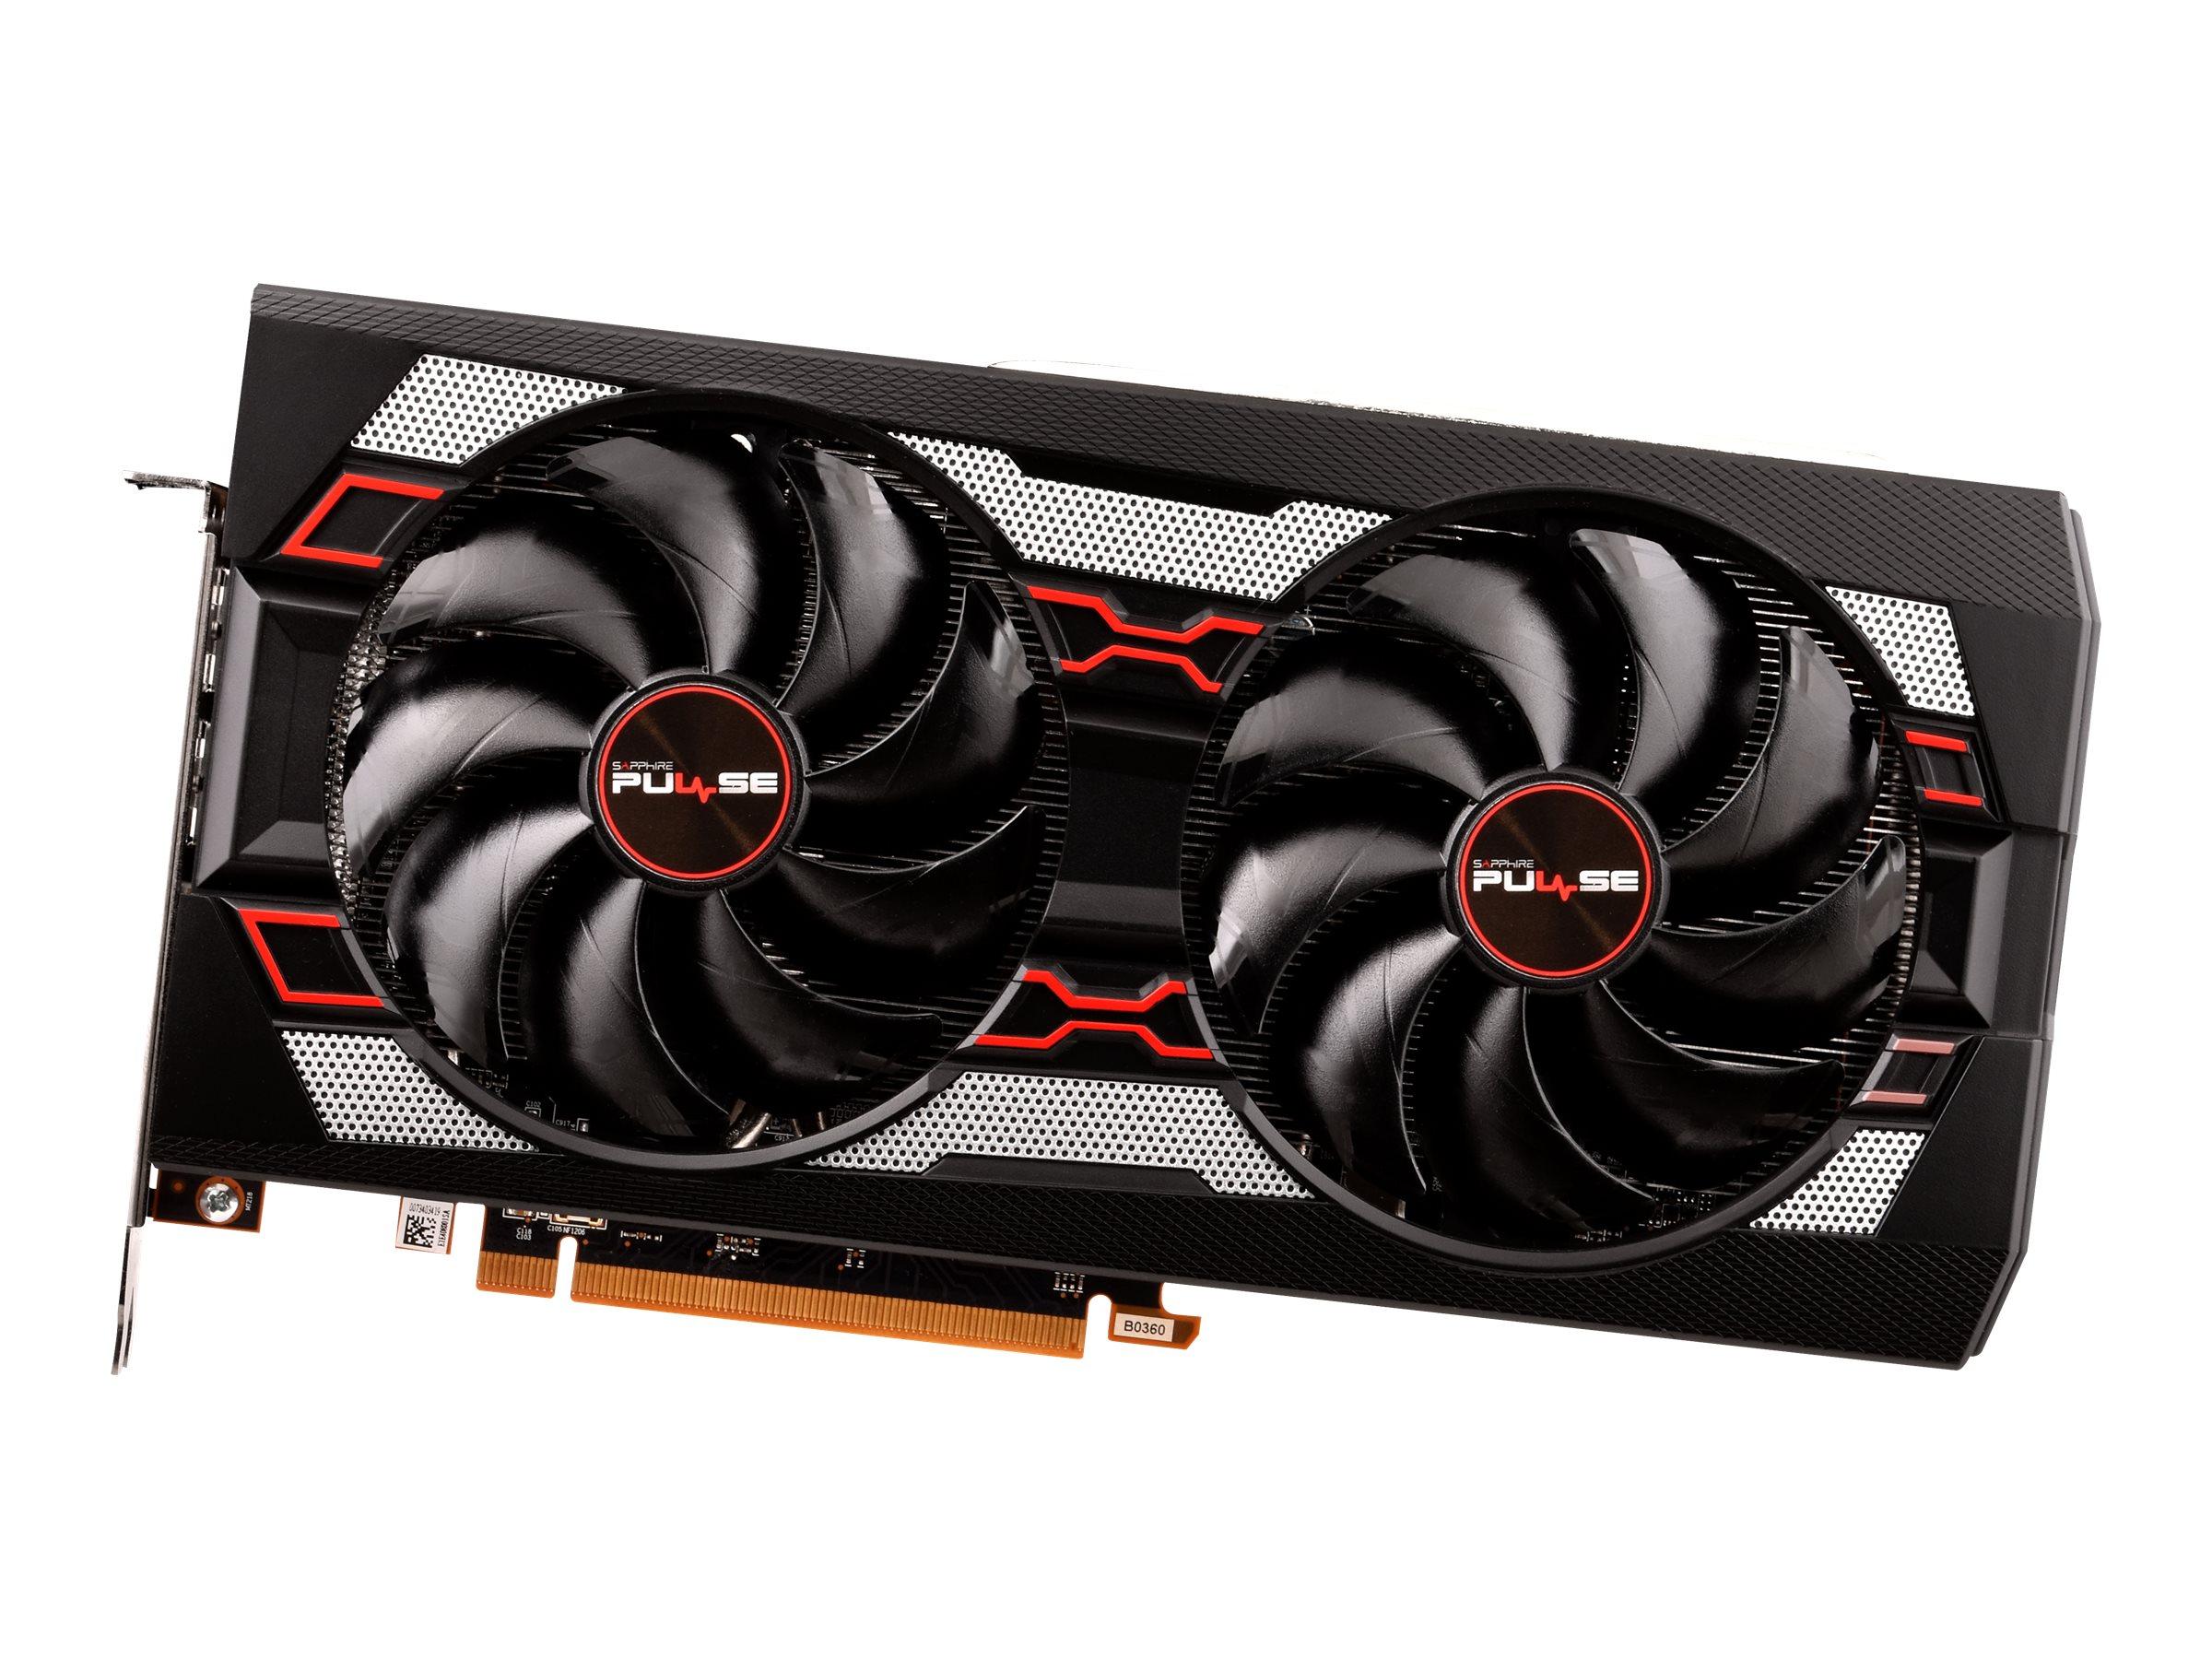 Sapphire Pulse Radeon RX 5700 - Grafikkarten - Radeon RX 5700 - 8 GB GDDR6 - PCIe 4.0 x16 - HDMI, 3 x DisplayPort